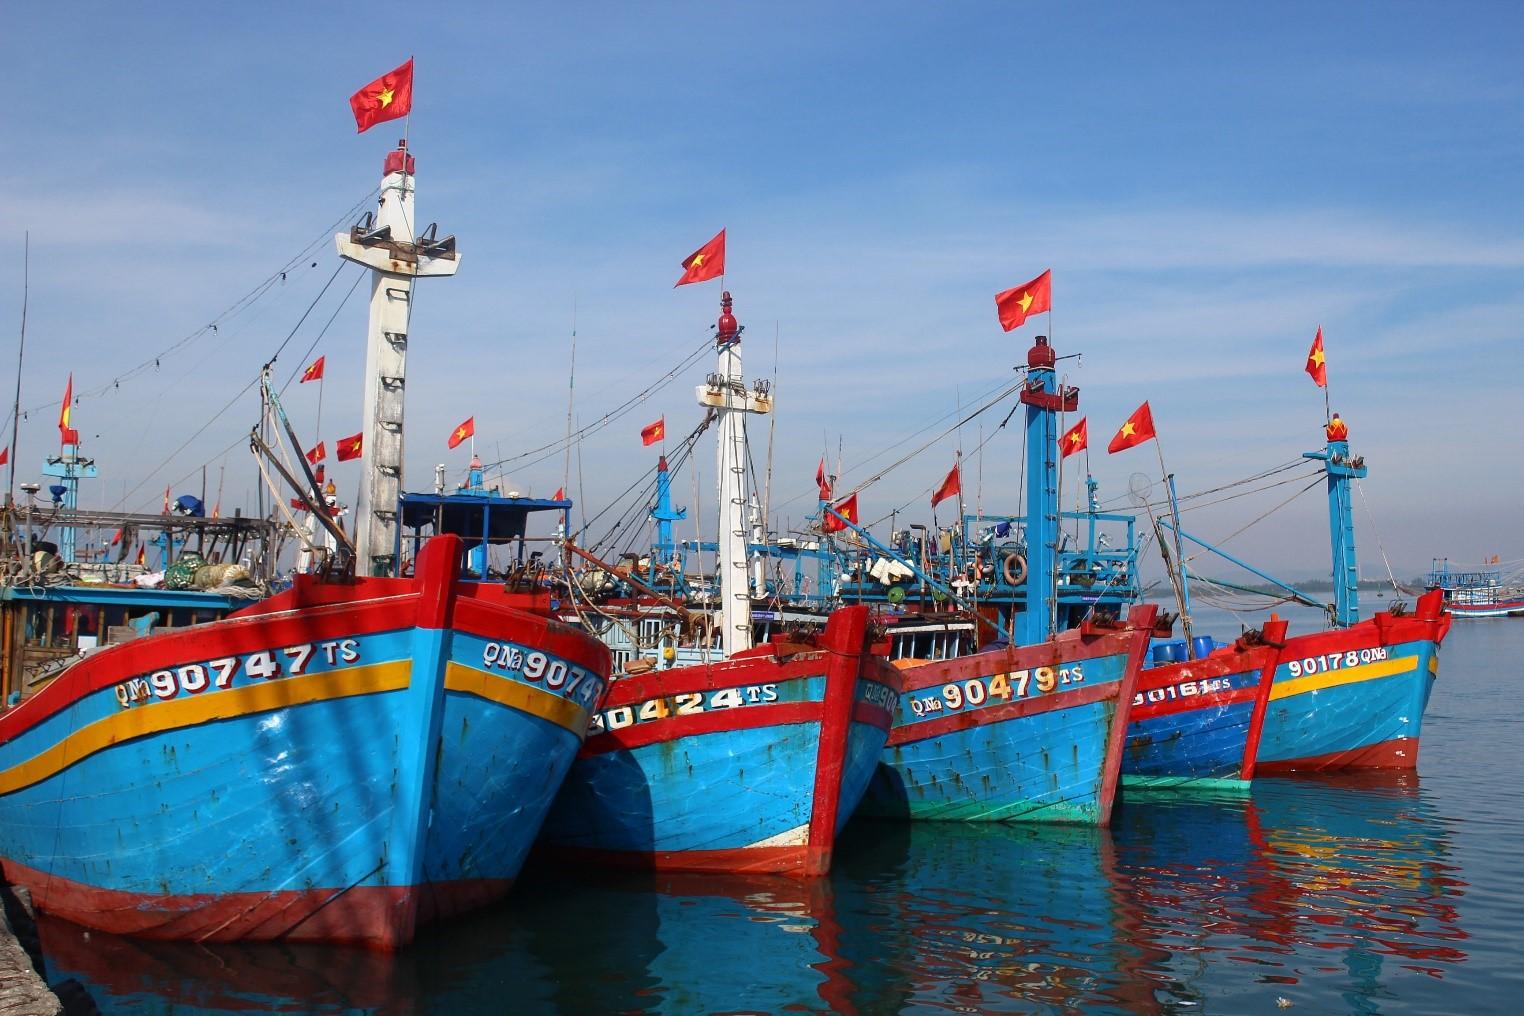 Cảng cá truyền thống Gành Hào khẳng định tiềm năng kinh tế bám biển của địa phương.